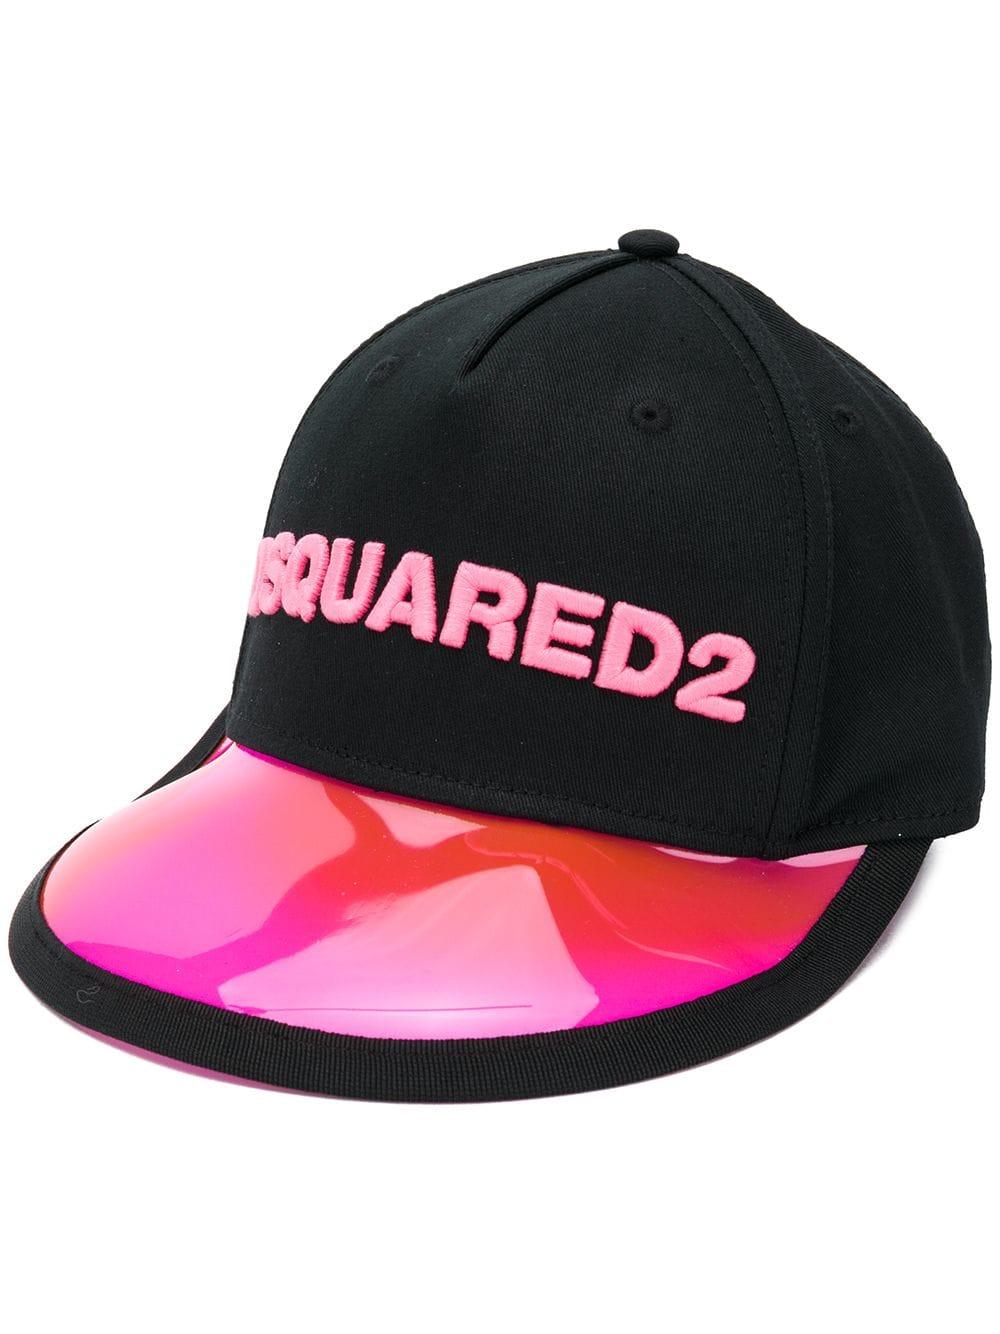 842ee36e3521b Dsquared2 Baseball Cap With PVC Peak - DSQUARED2 - Russocapri